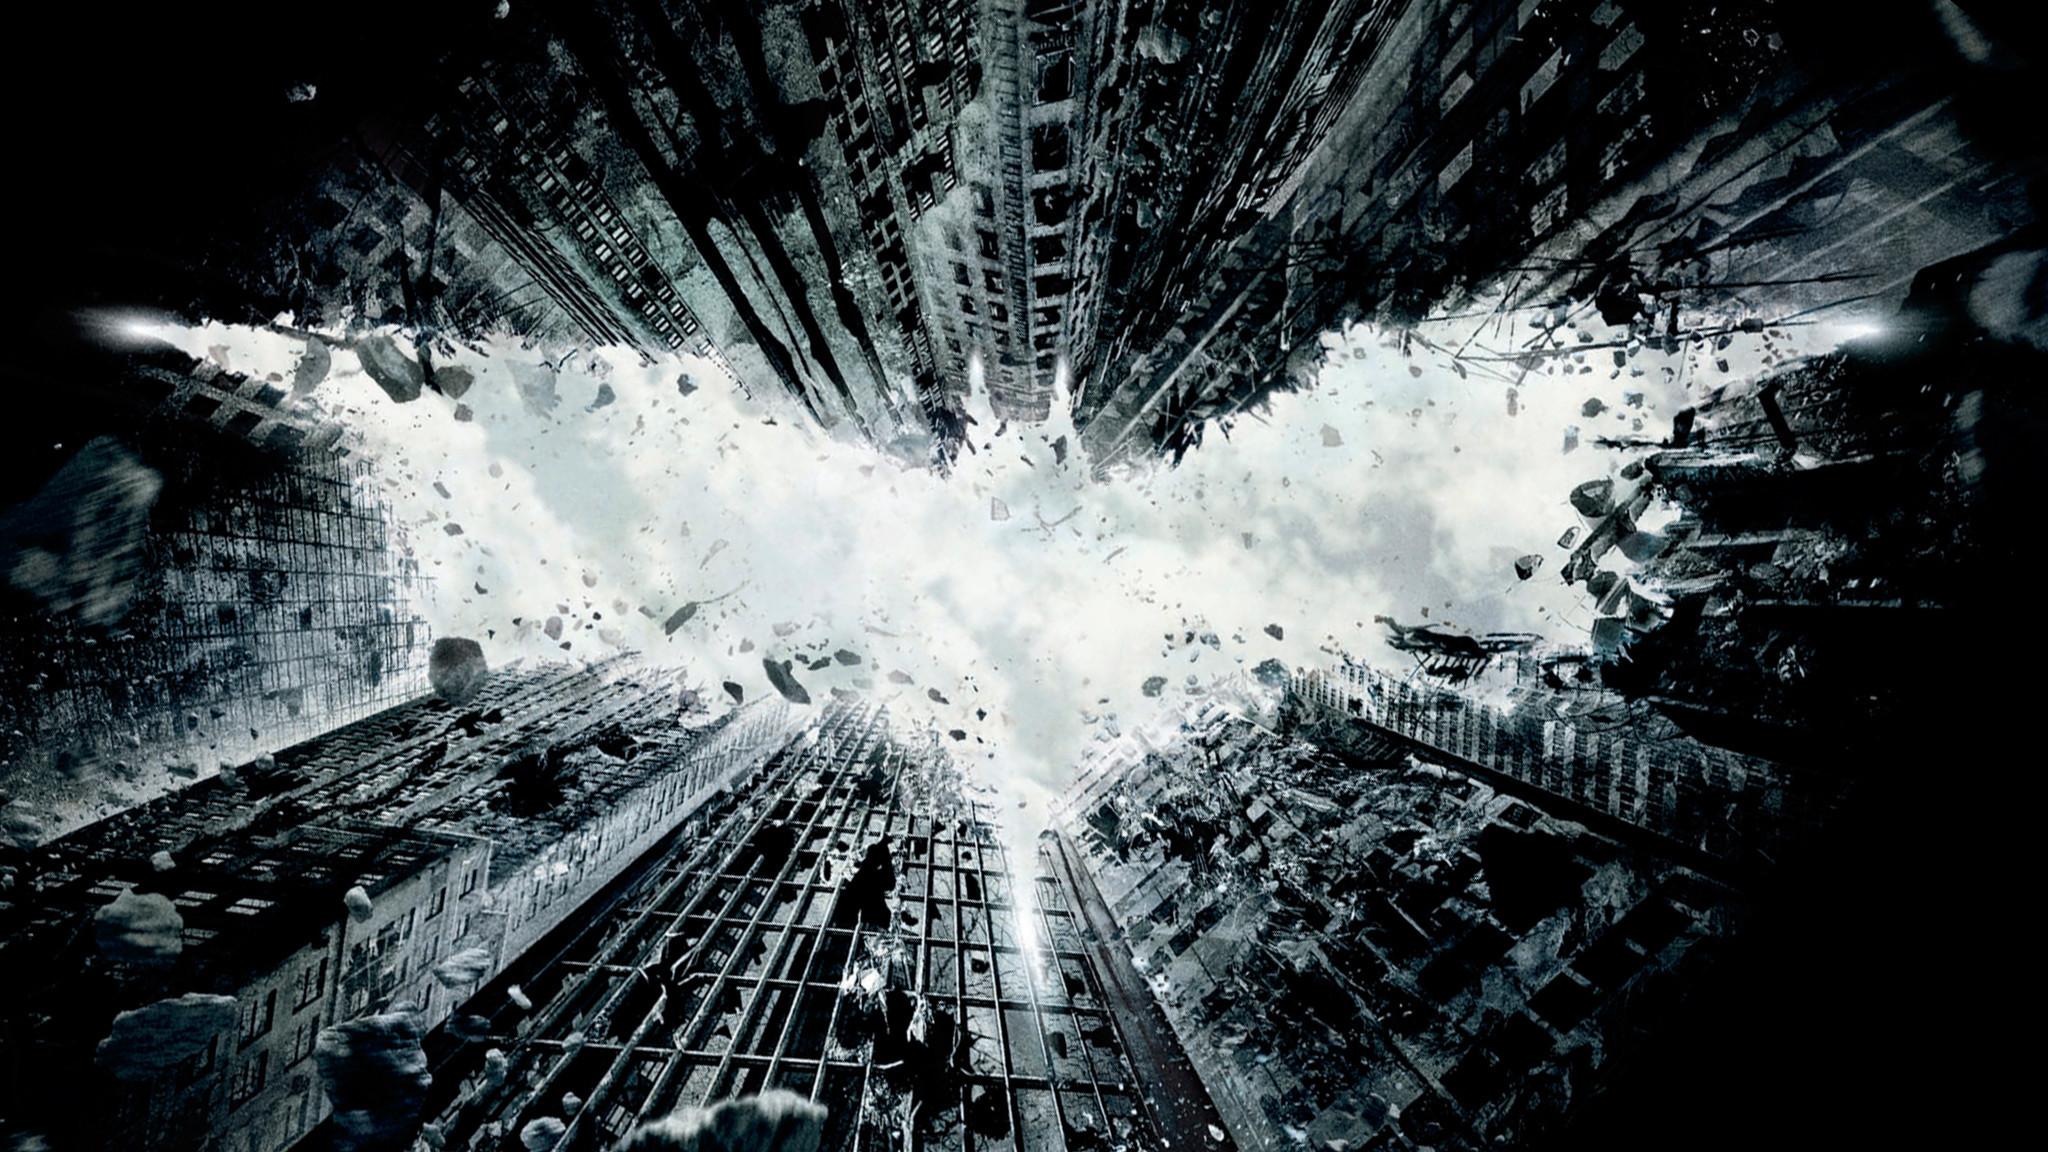 wallpaper of batman, ipad batman wallpaper